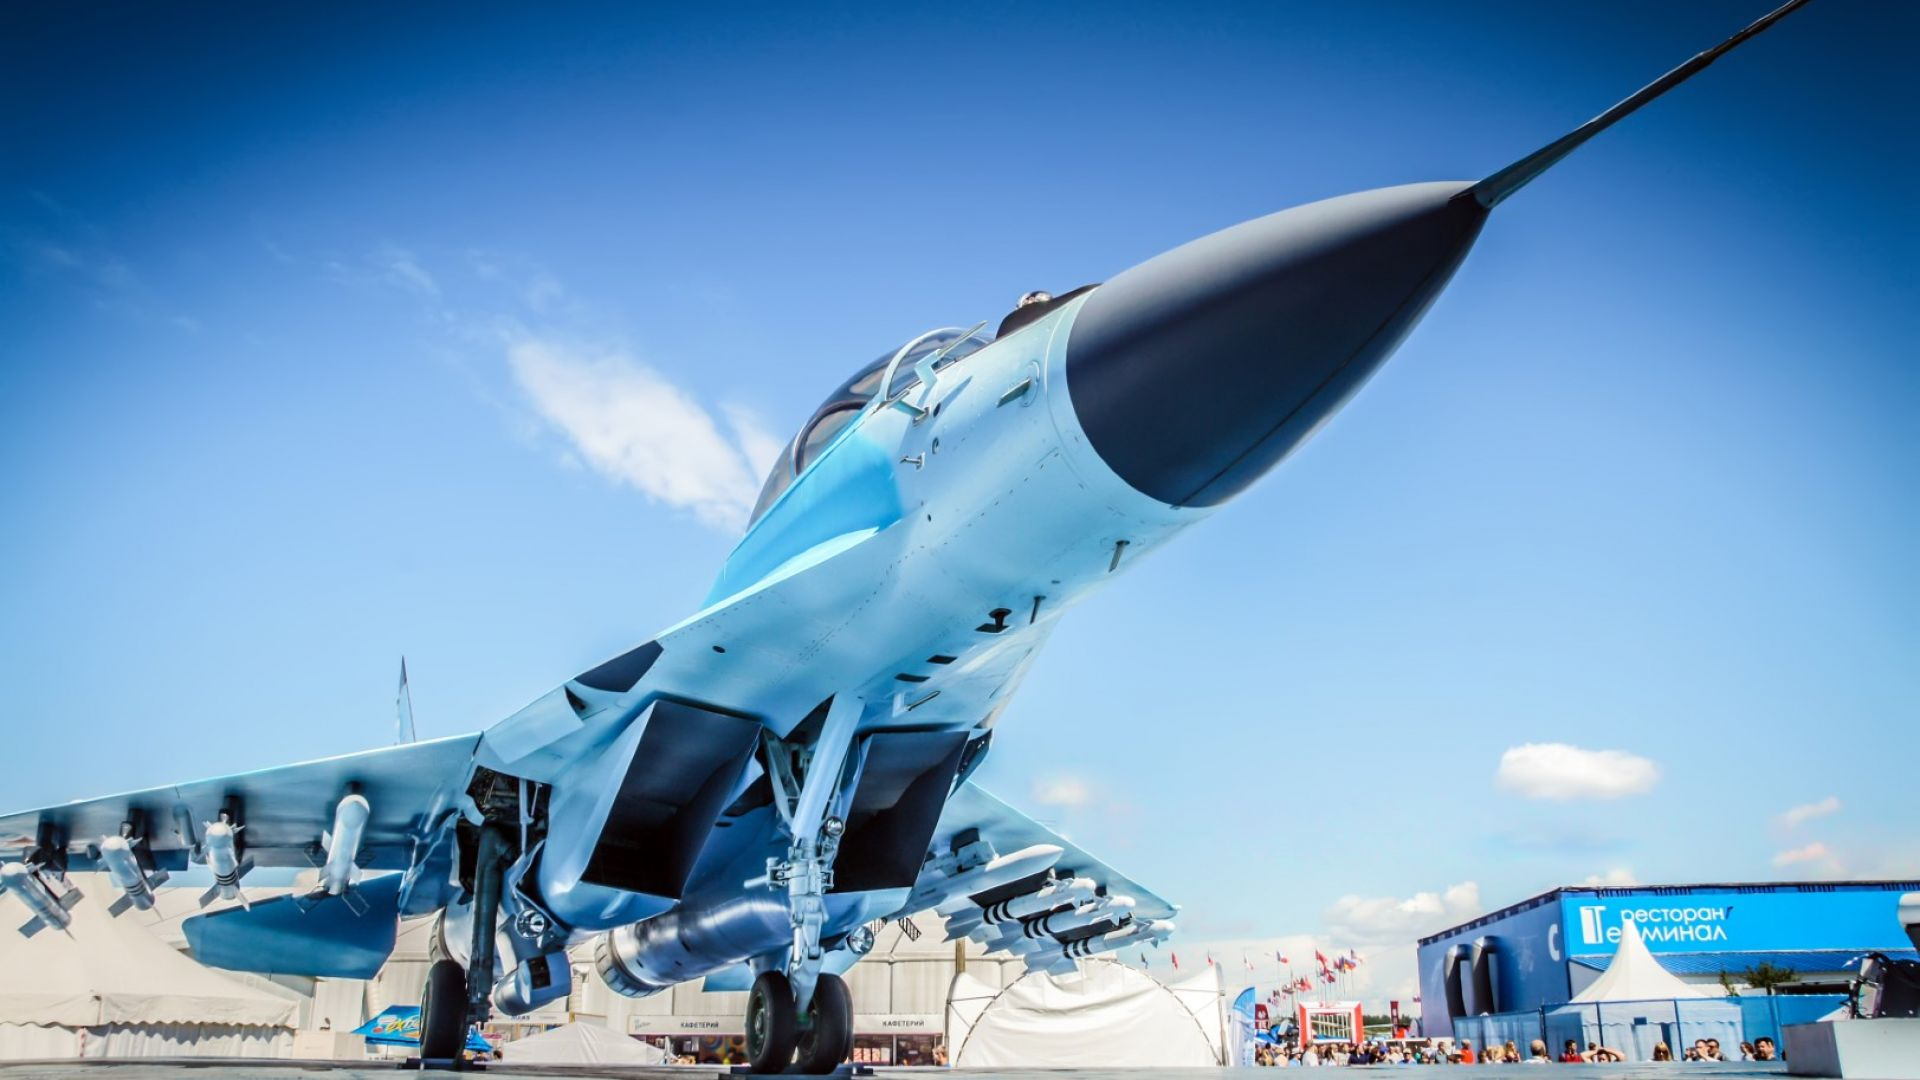 Пръвръщат МиГ-29 в цивилен бизнес самолет